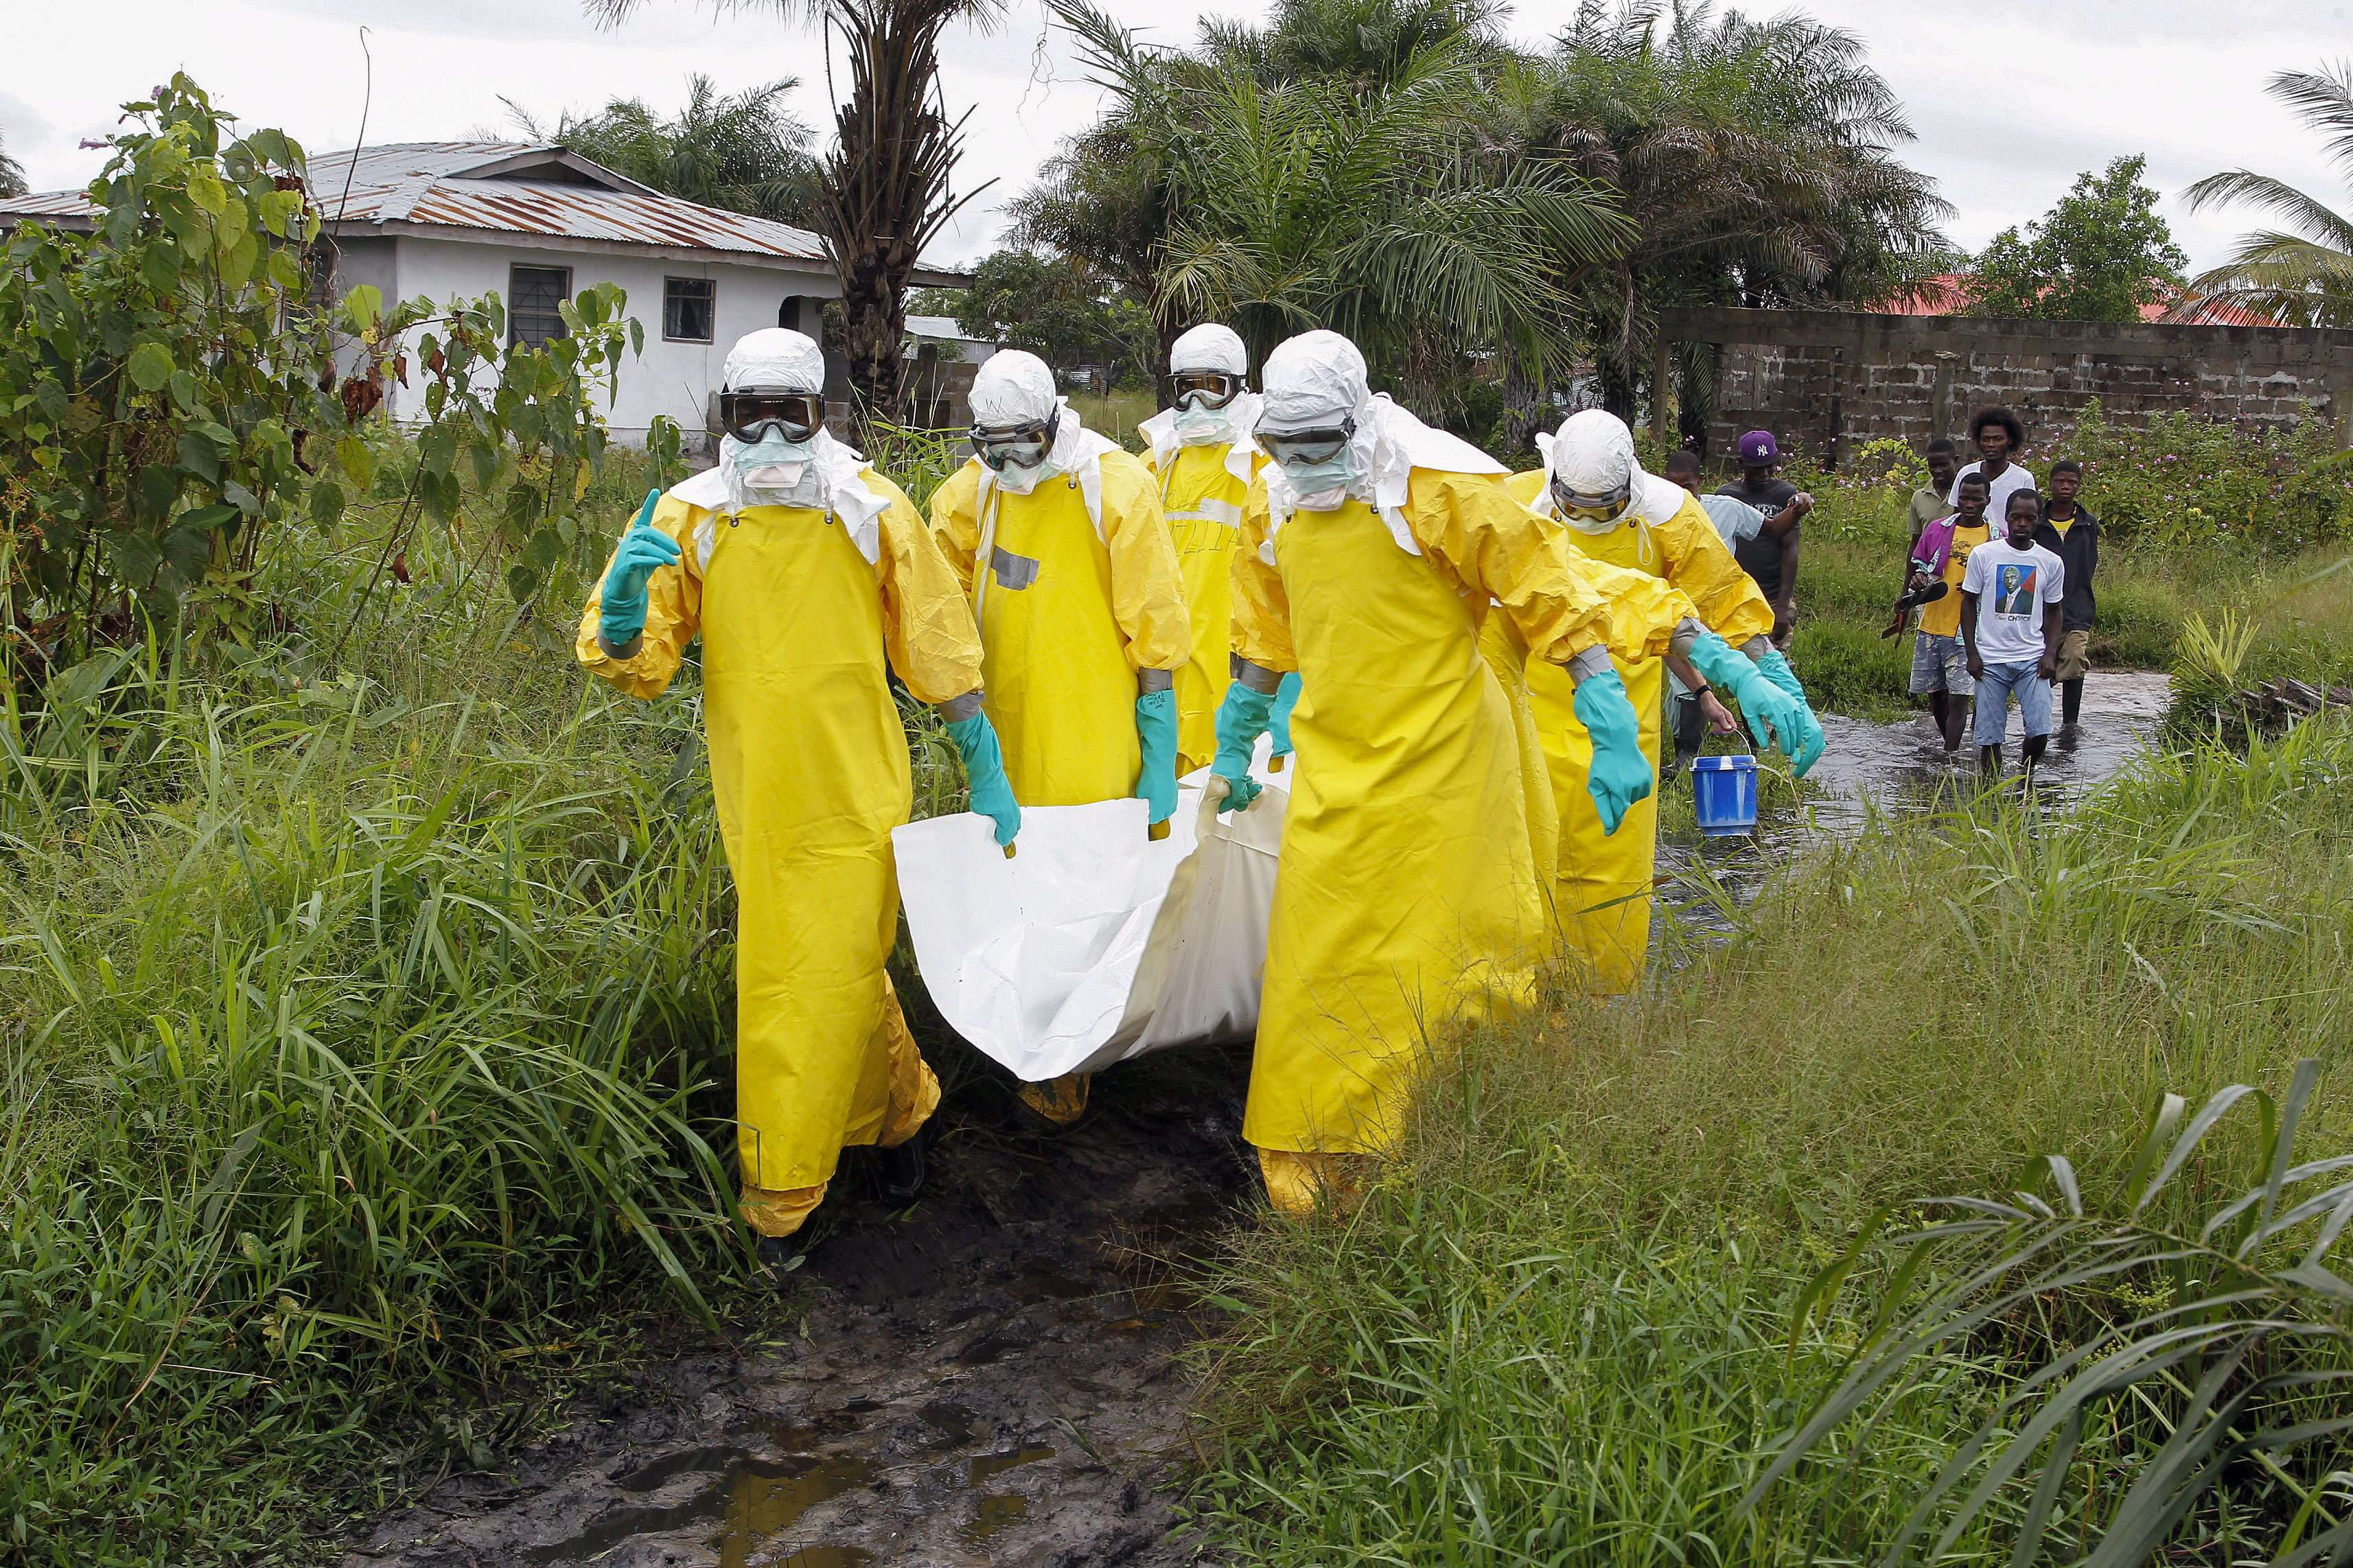 La fiebre hemorrágica del Ébola, altamente contagiosa, causó casi 3,000 muertos de entre 6,000 casos detectados. Foto: Archivo/EFE en español